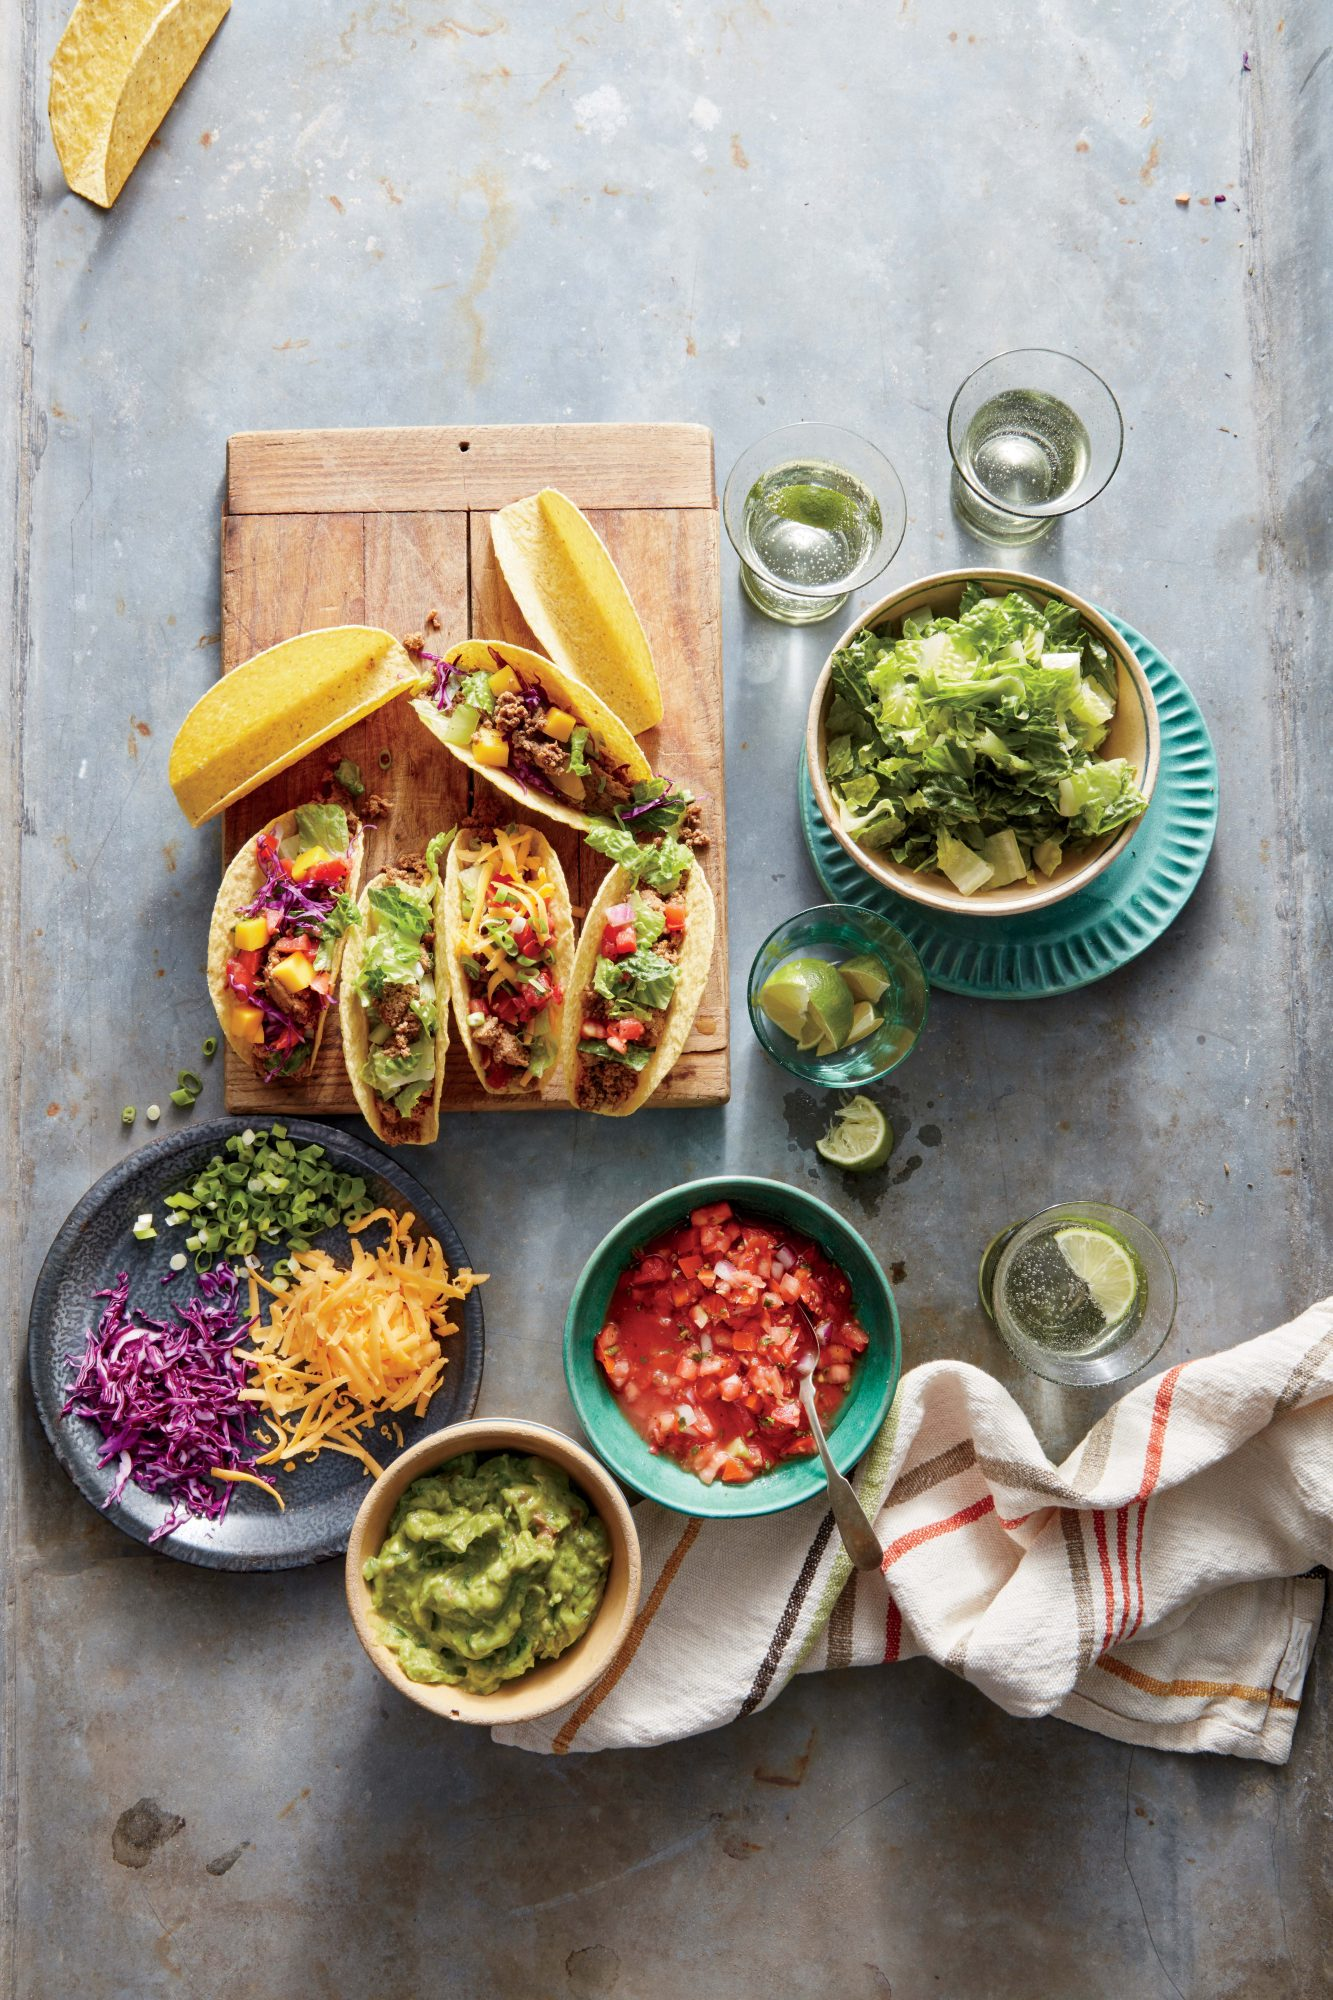 5 Tasty Ideas For Taco Toppings Myrecipes